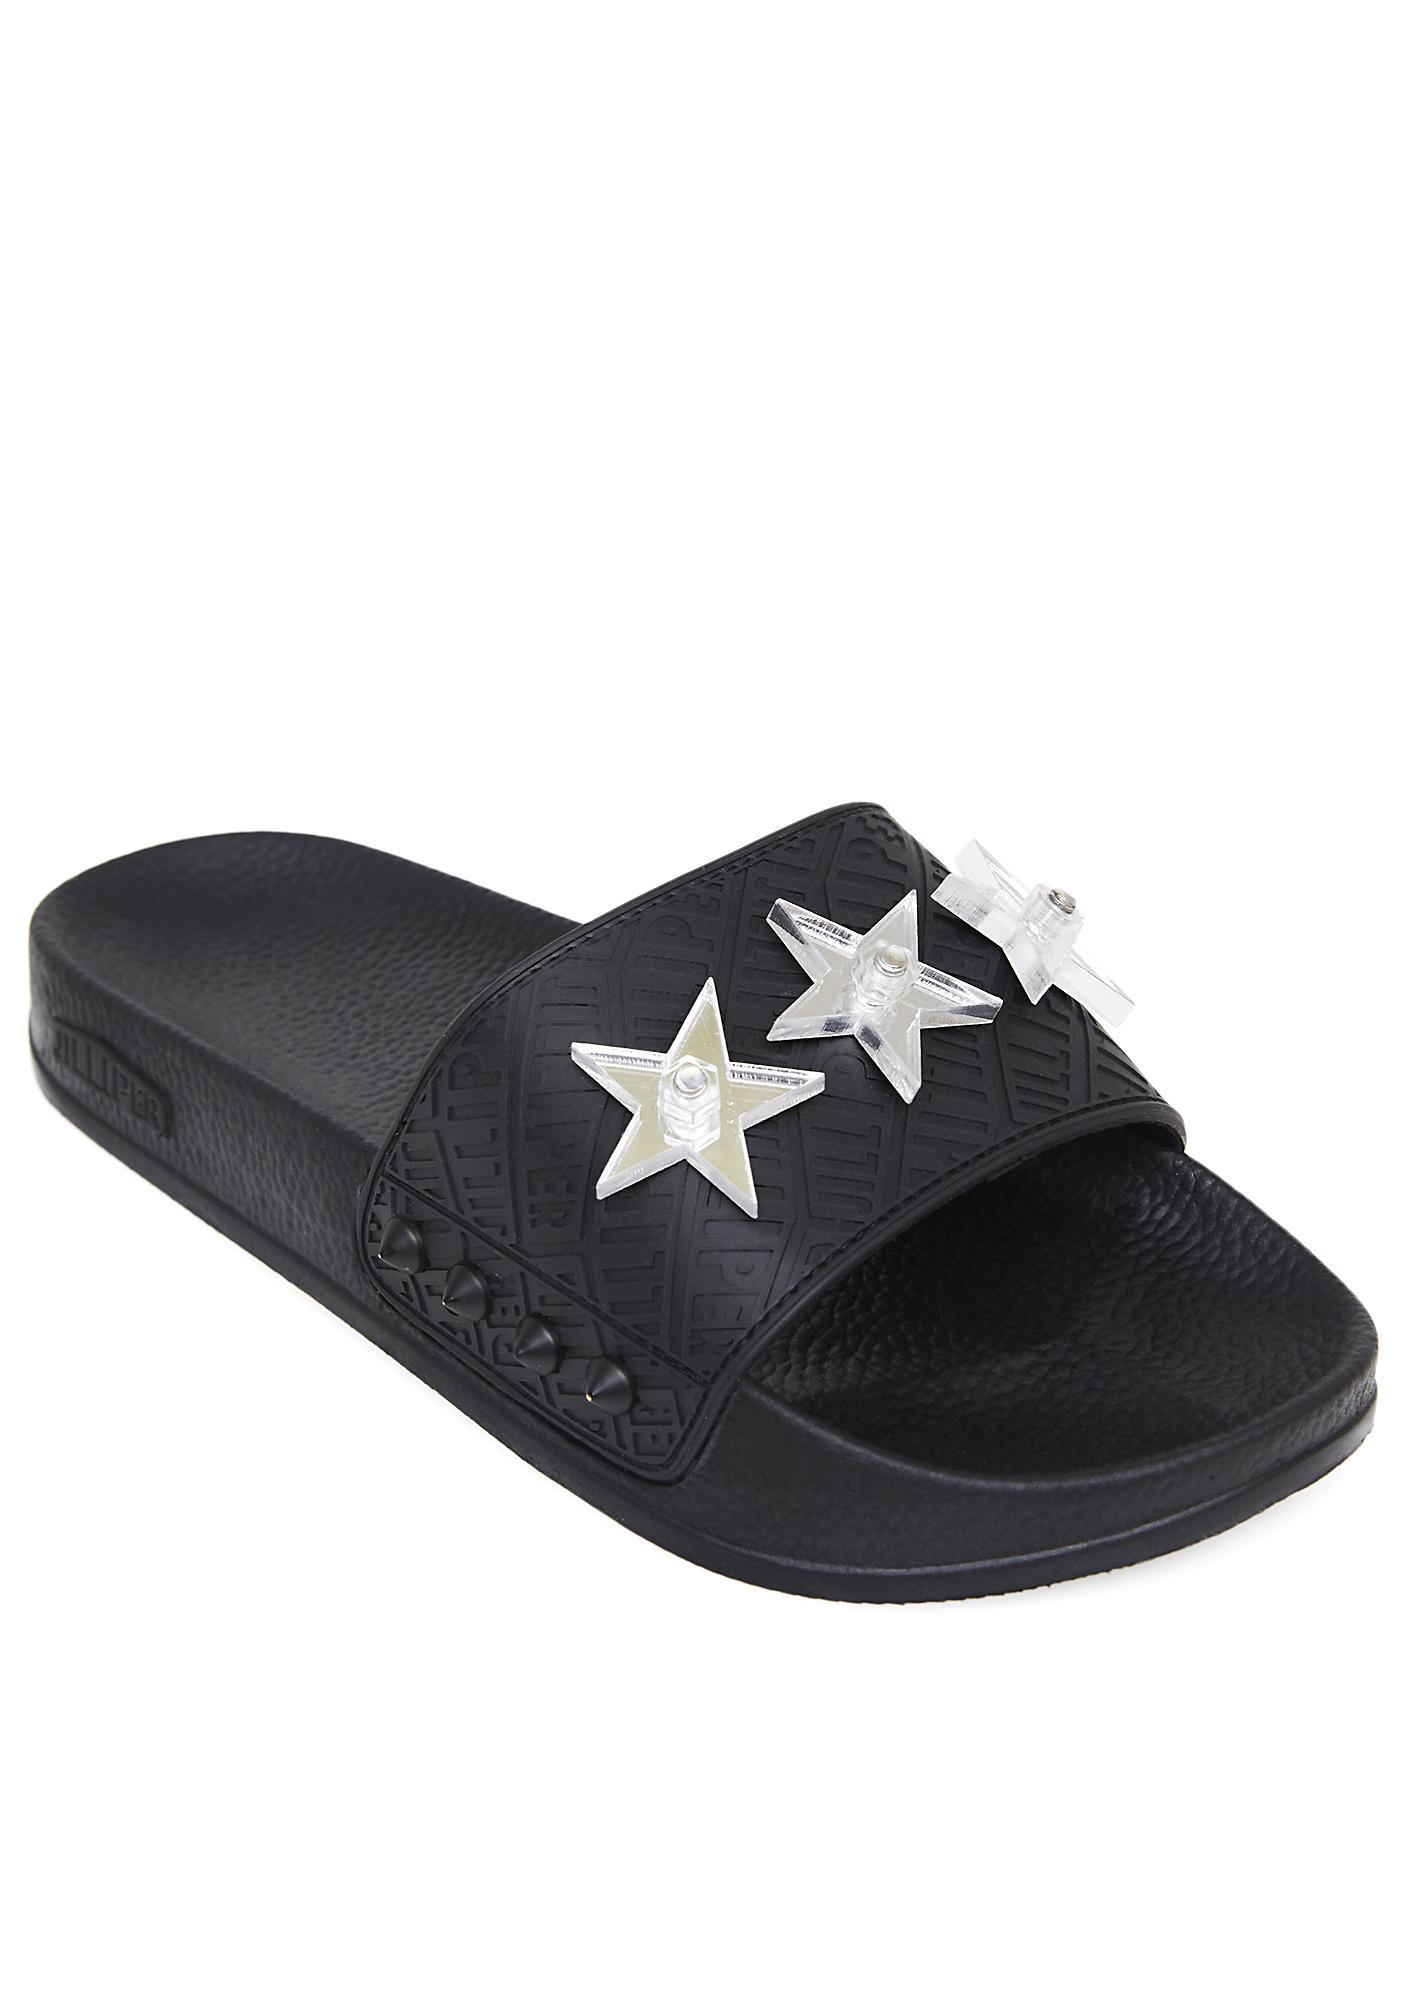 Lucy Star Slides